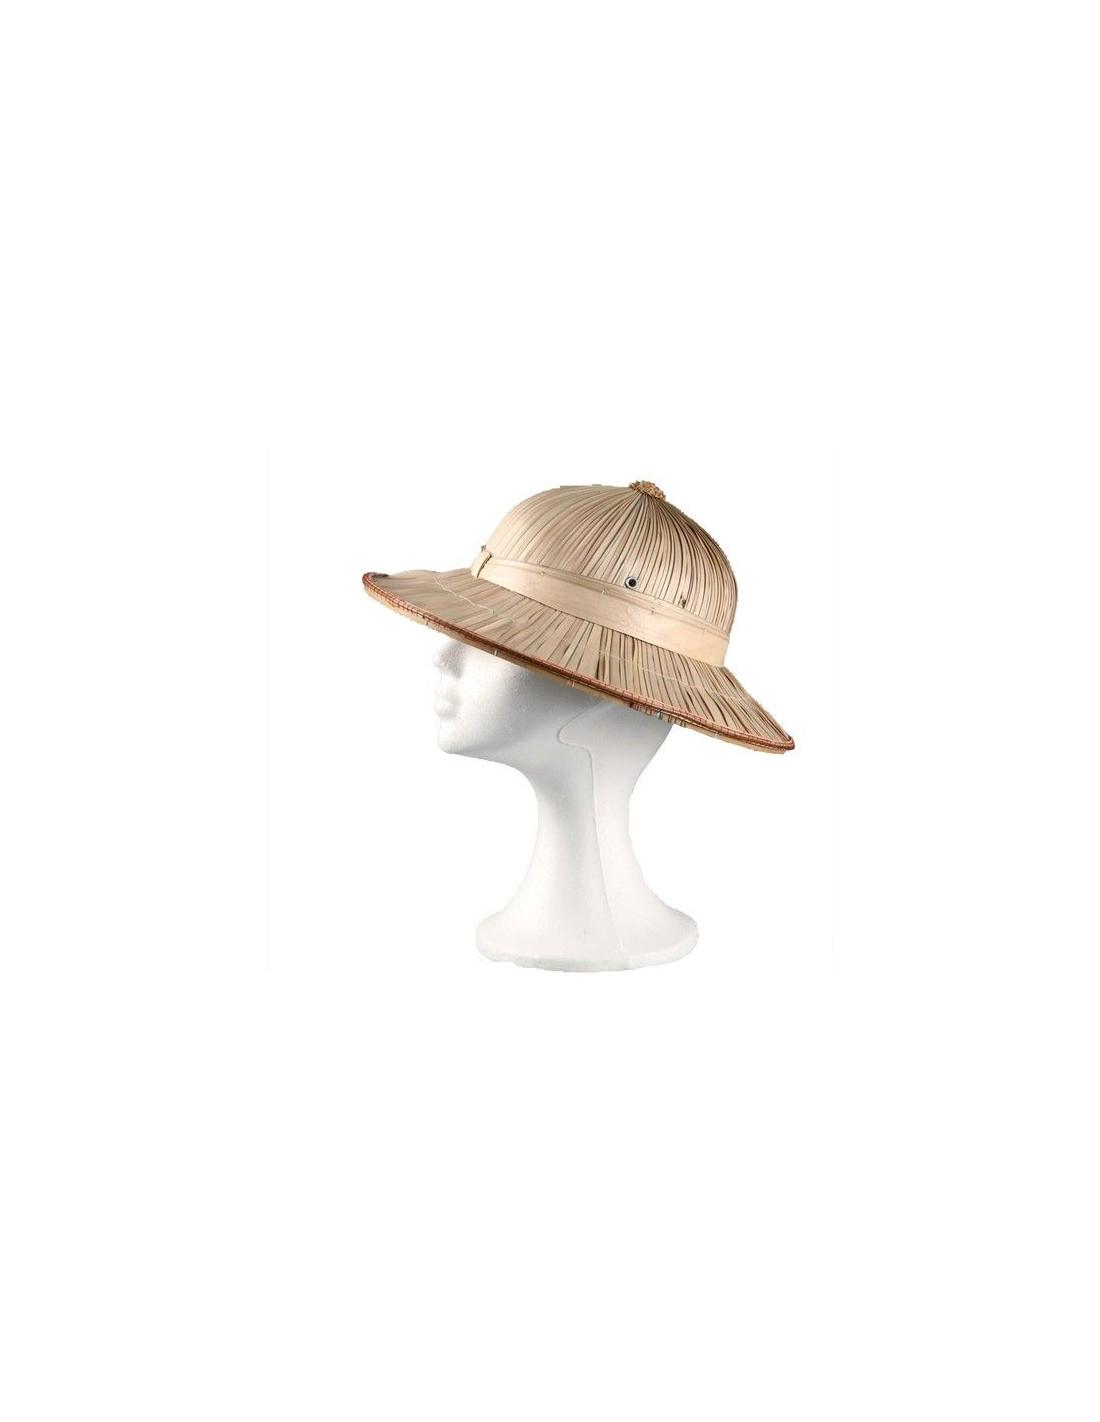 Gorro explorador paja - Comprar en Tienda Disfraces Bacanal 0316e02e1a6